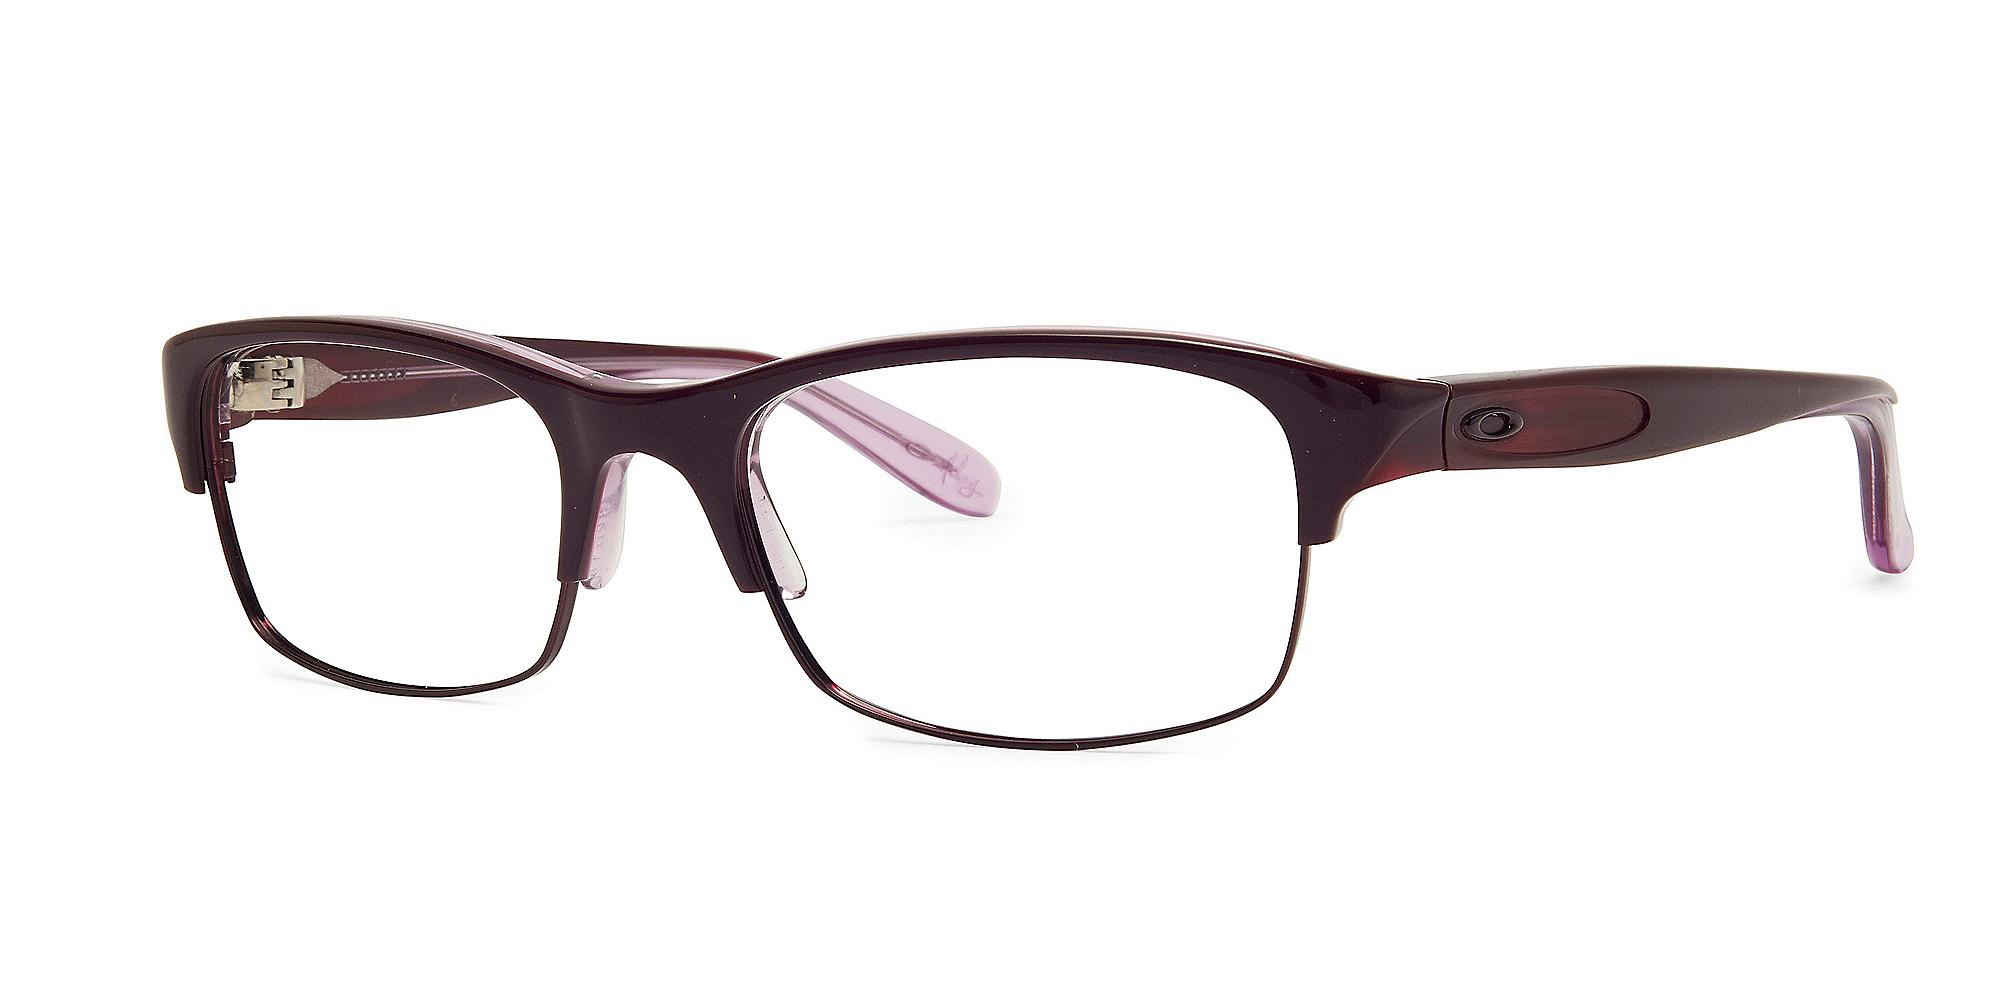 oakley womens frames